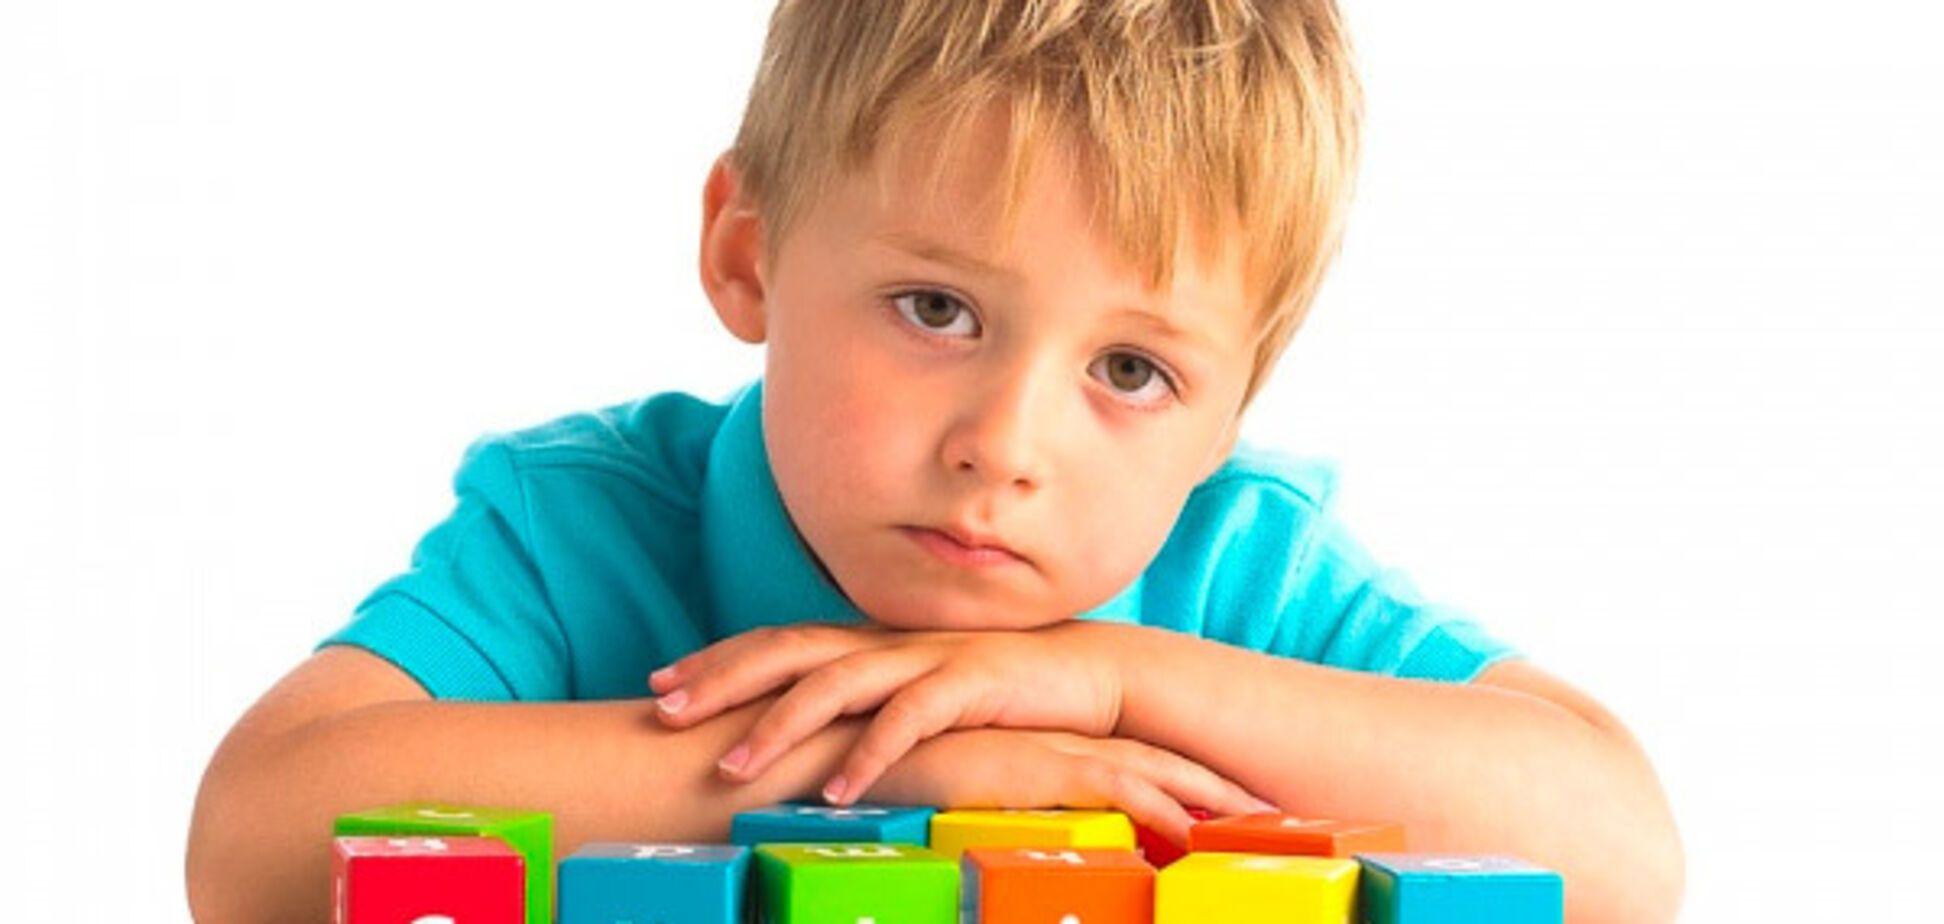 Аутизм связан с интеллектом: ученые выяснили, у кого чаще проявляется расстройство